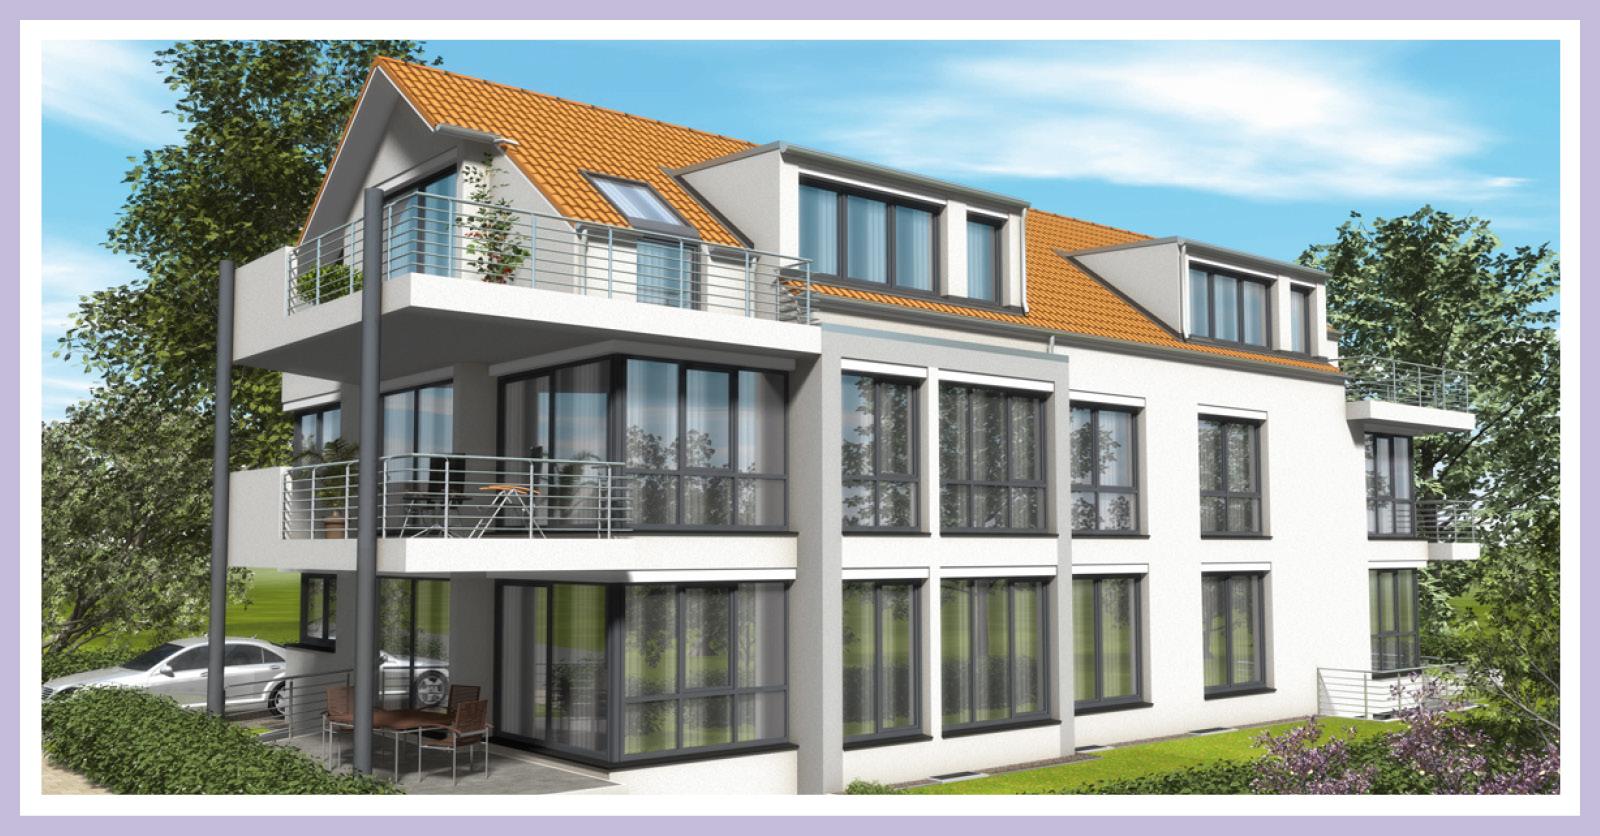 warum mit einem architekten bauen architekturb ro. Black Bedroom Furniture Sets. Home Design Ideas